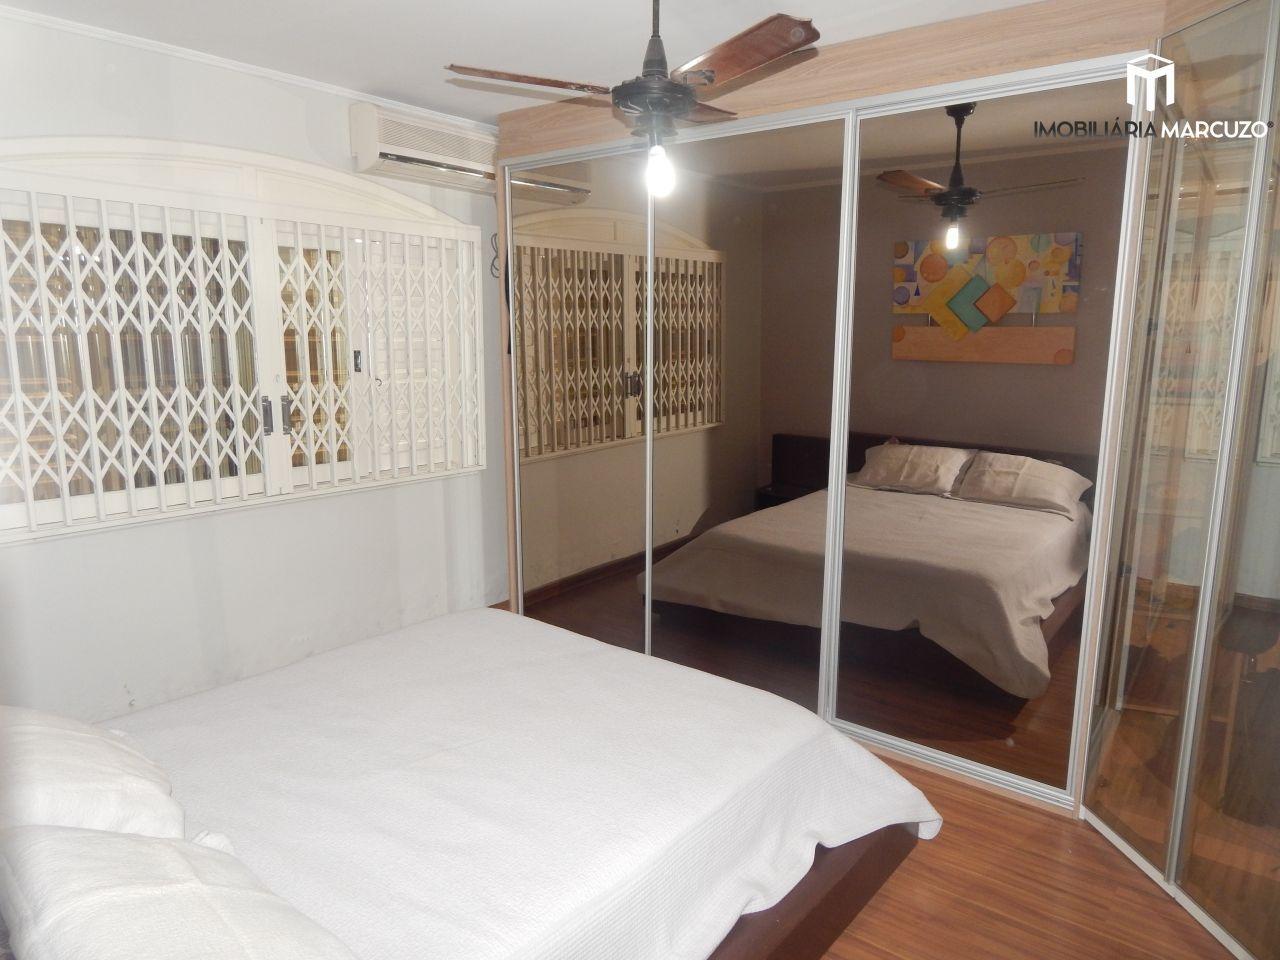 Casa com 3 Dormitórios à venda, 138 m² por R$ 669.000,00